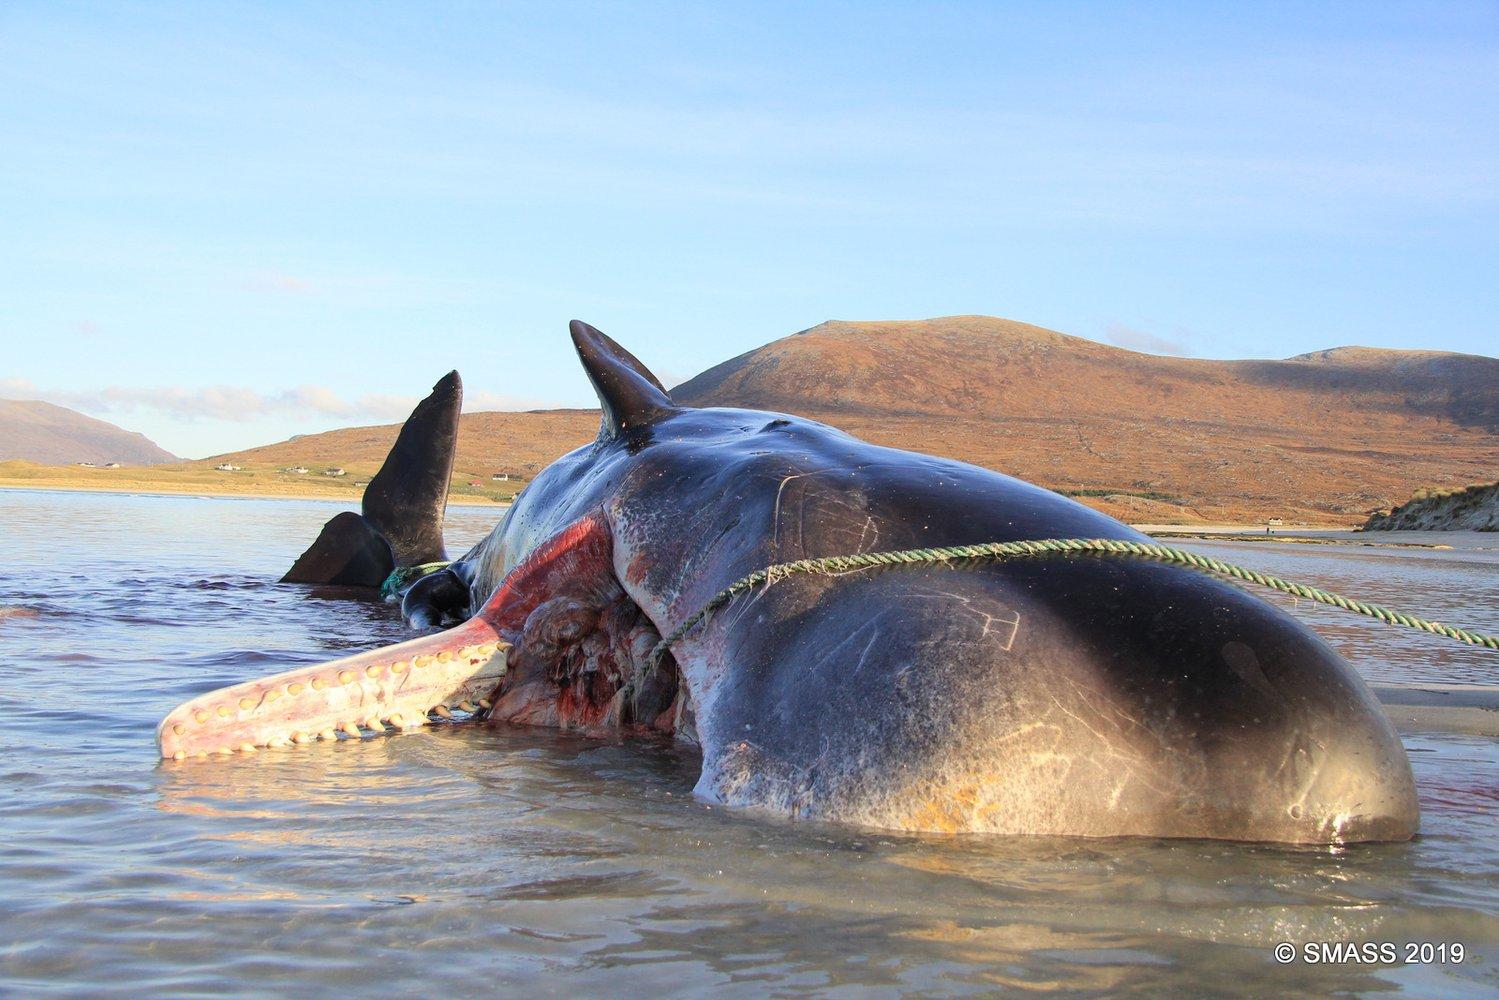 05_kashalot Жахливі наслідки забруднення океану: у шлунку кашалота знайшли 100 кг сміття (ФОТО 18+)